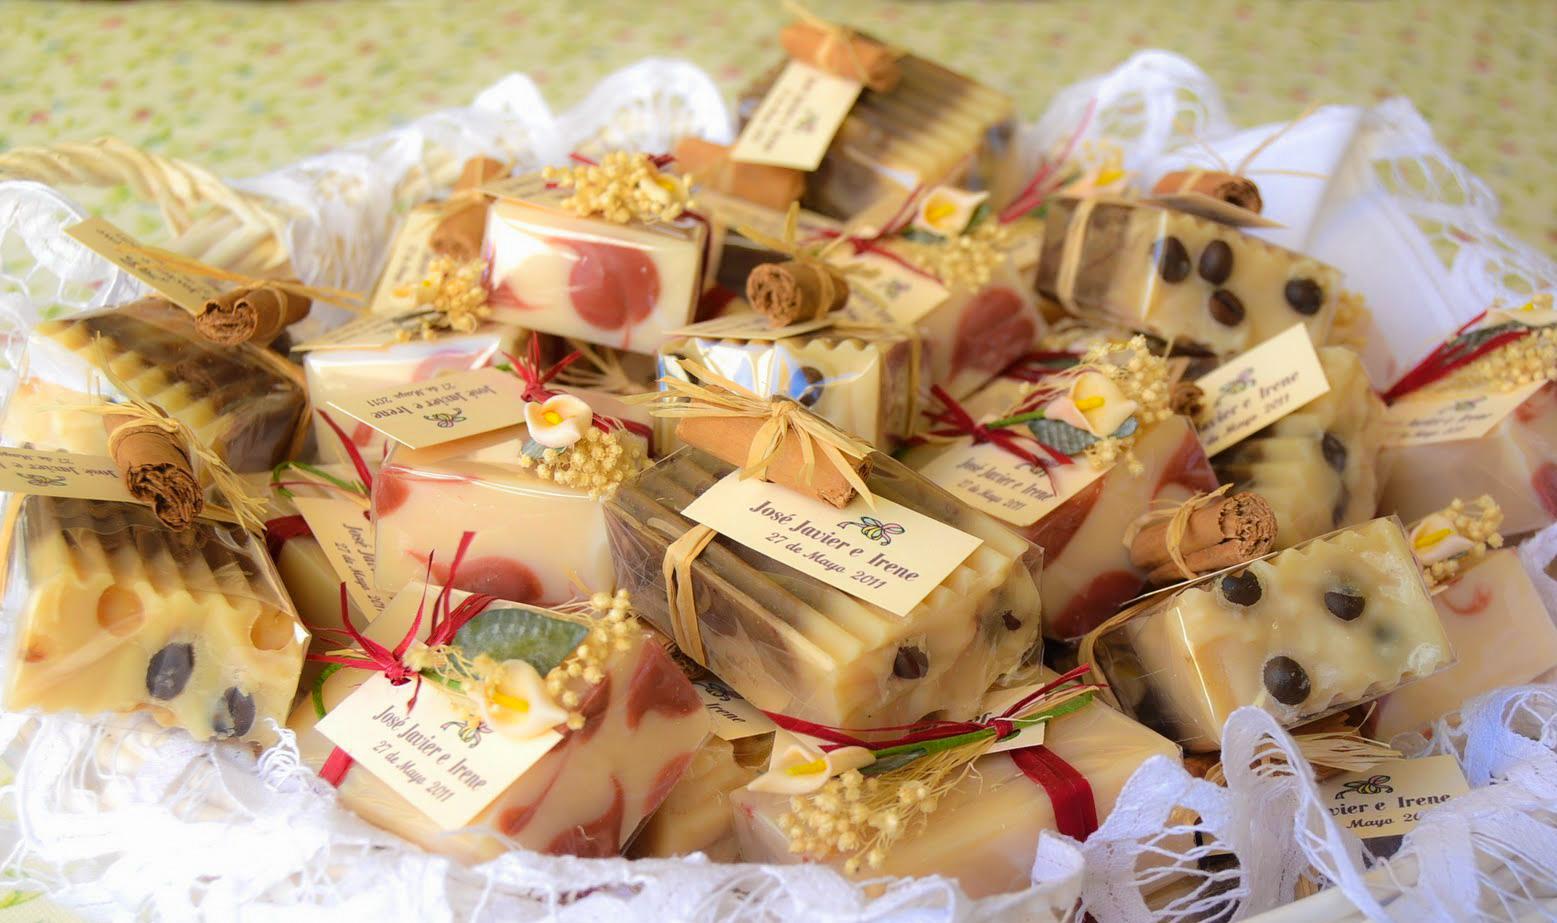 4 originales regalos para los invitados de una boda - Regalos de boda originales para invitados ...